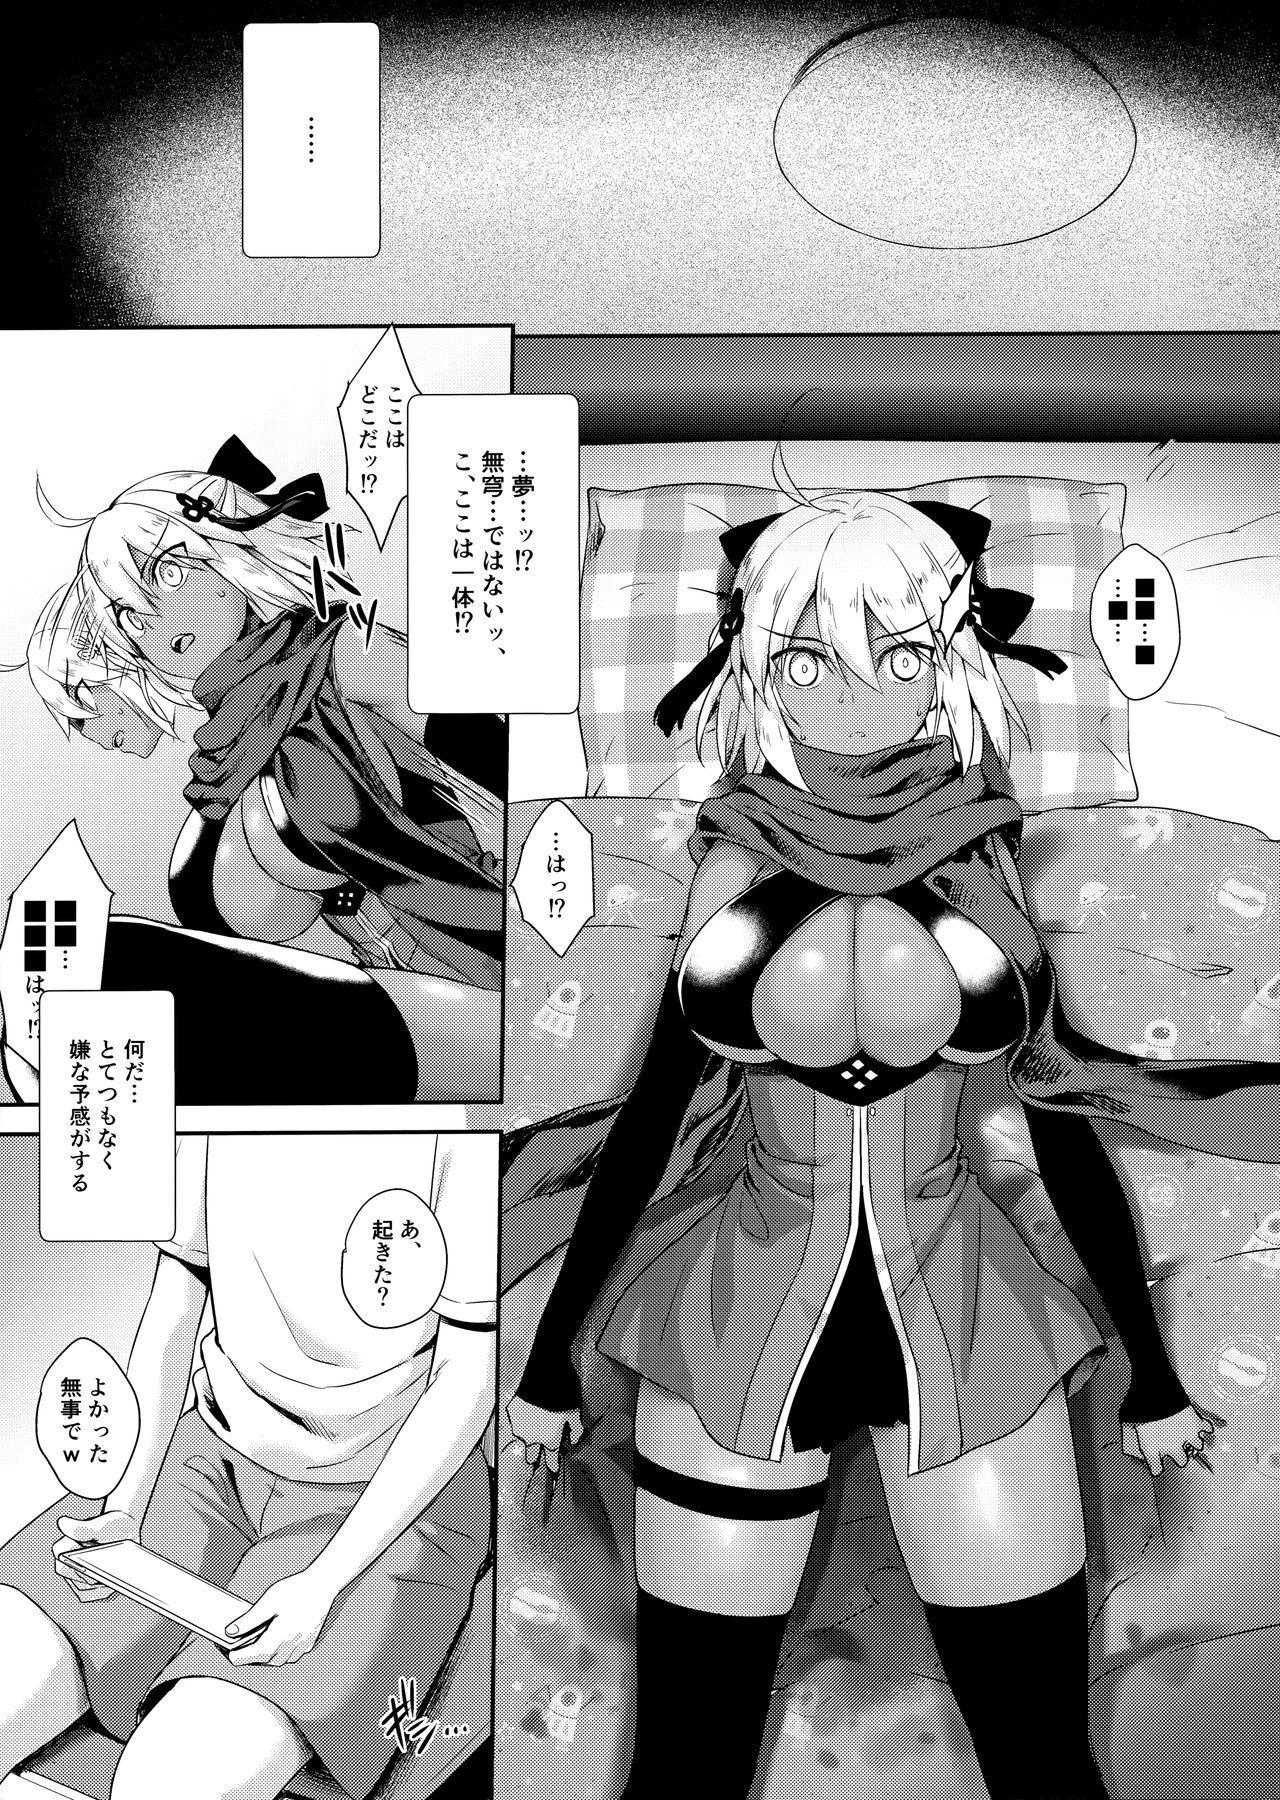 Okita Alter no Tanezuke Shuukai 6